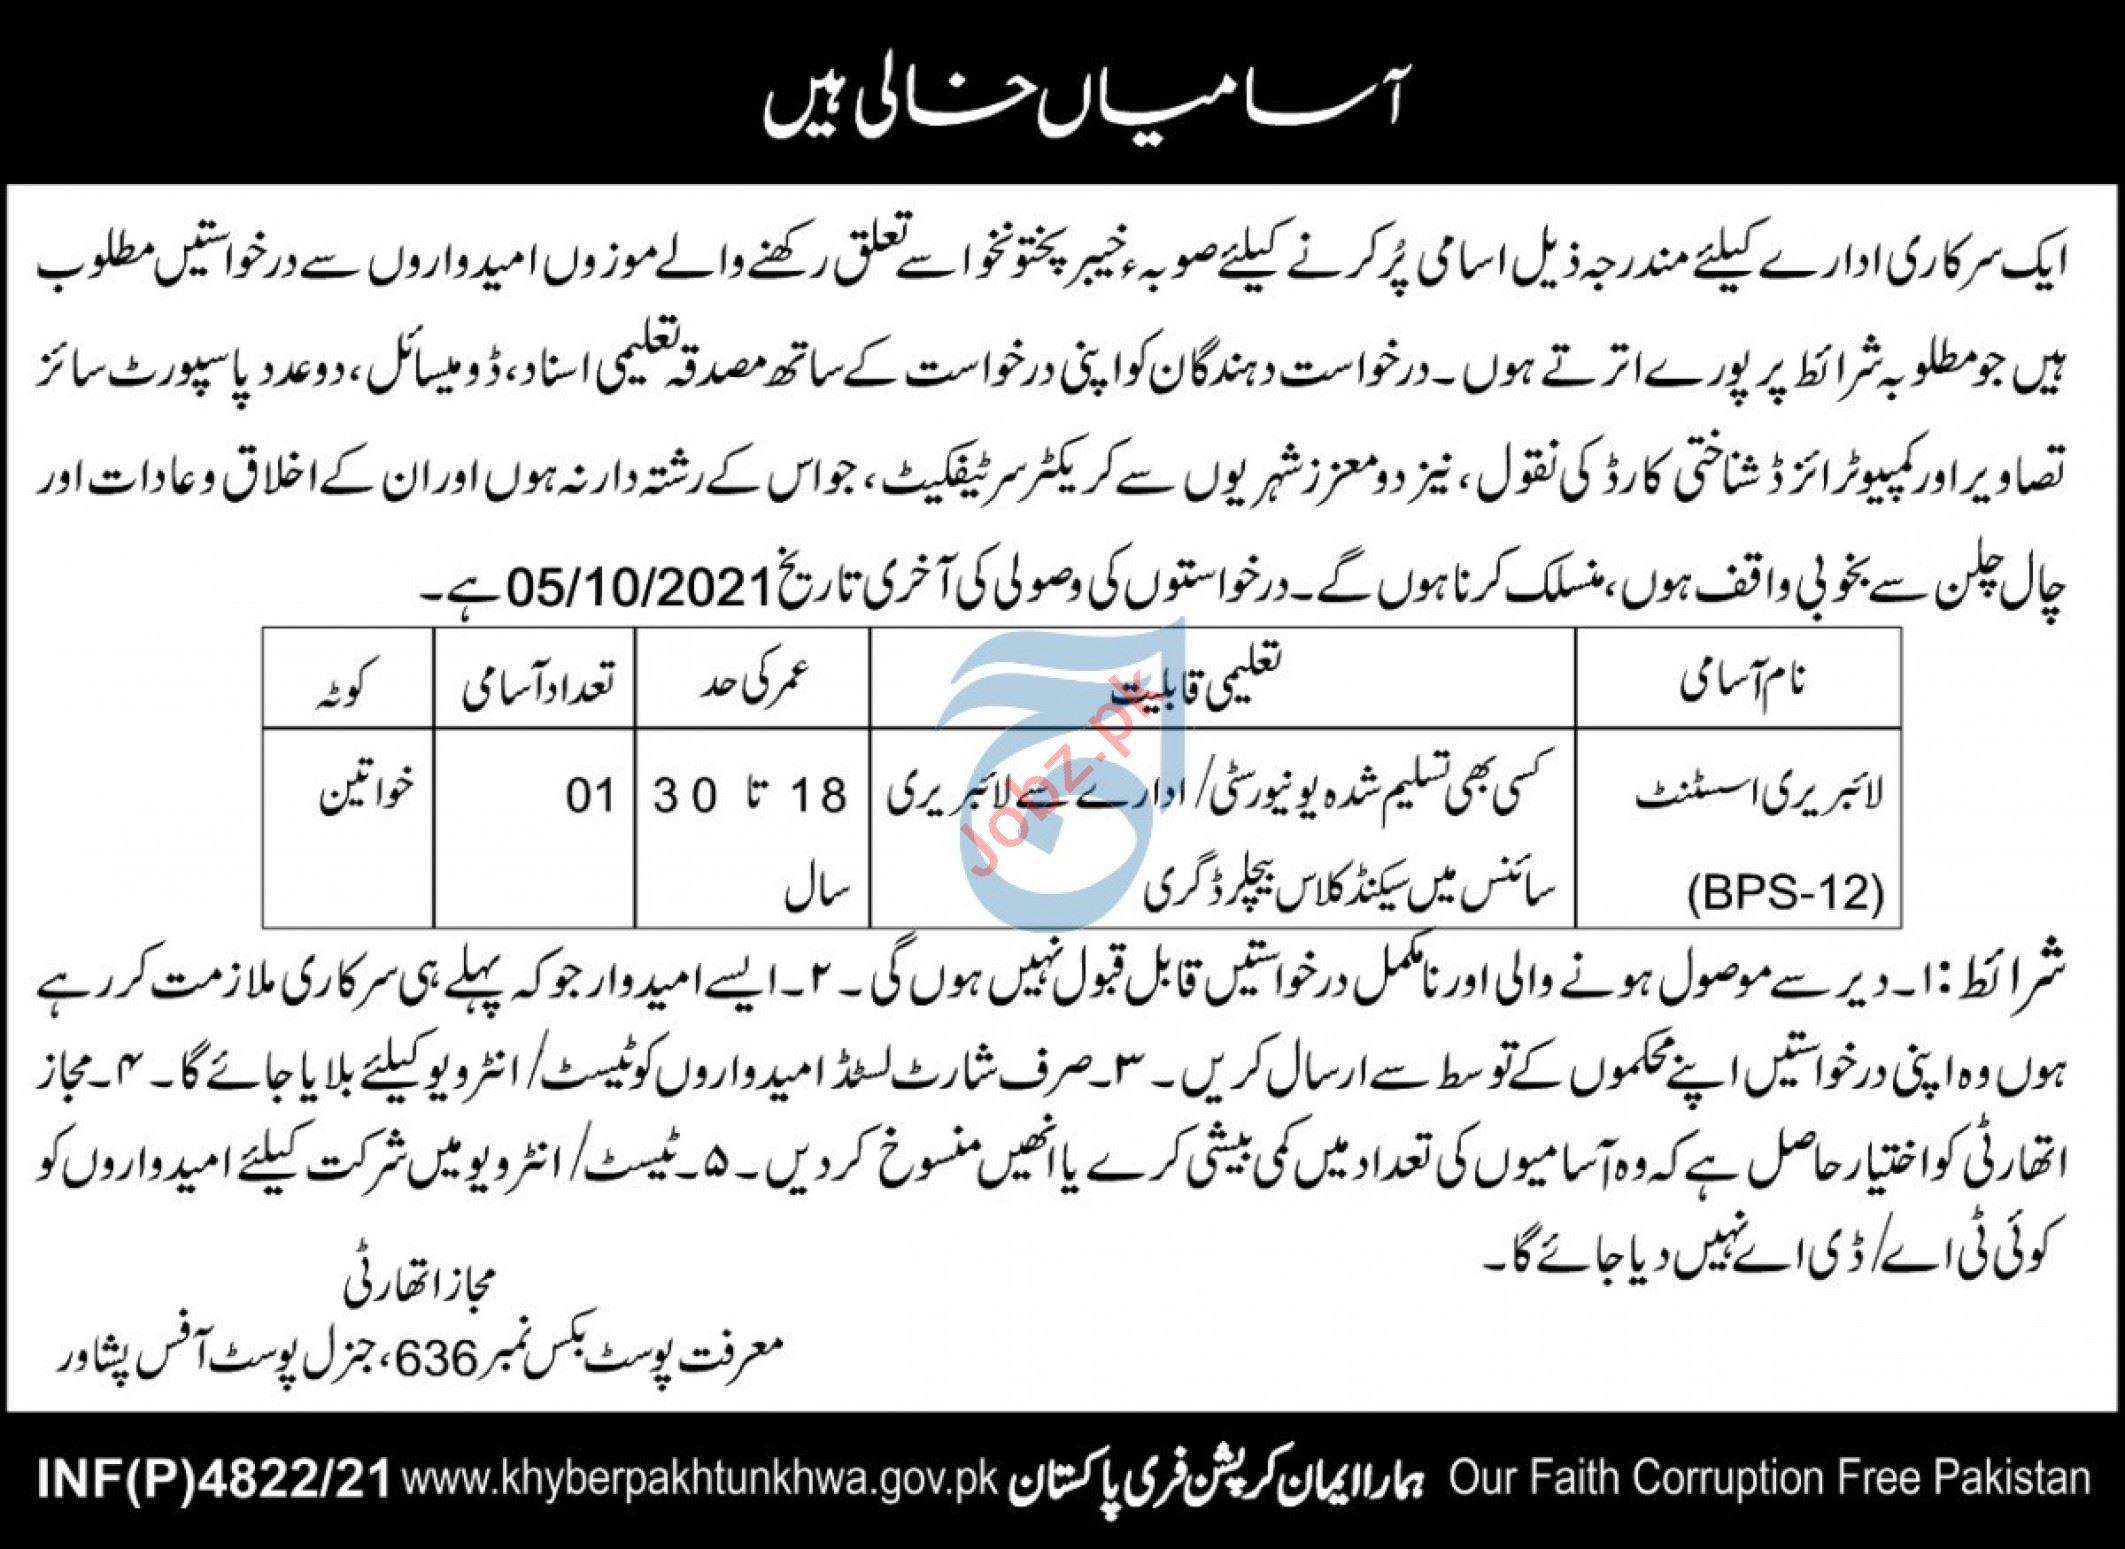 P O Box No 636 General Post Office Peshawar Jobs 2021